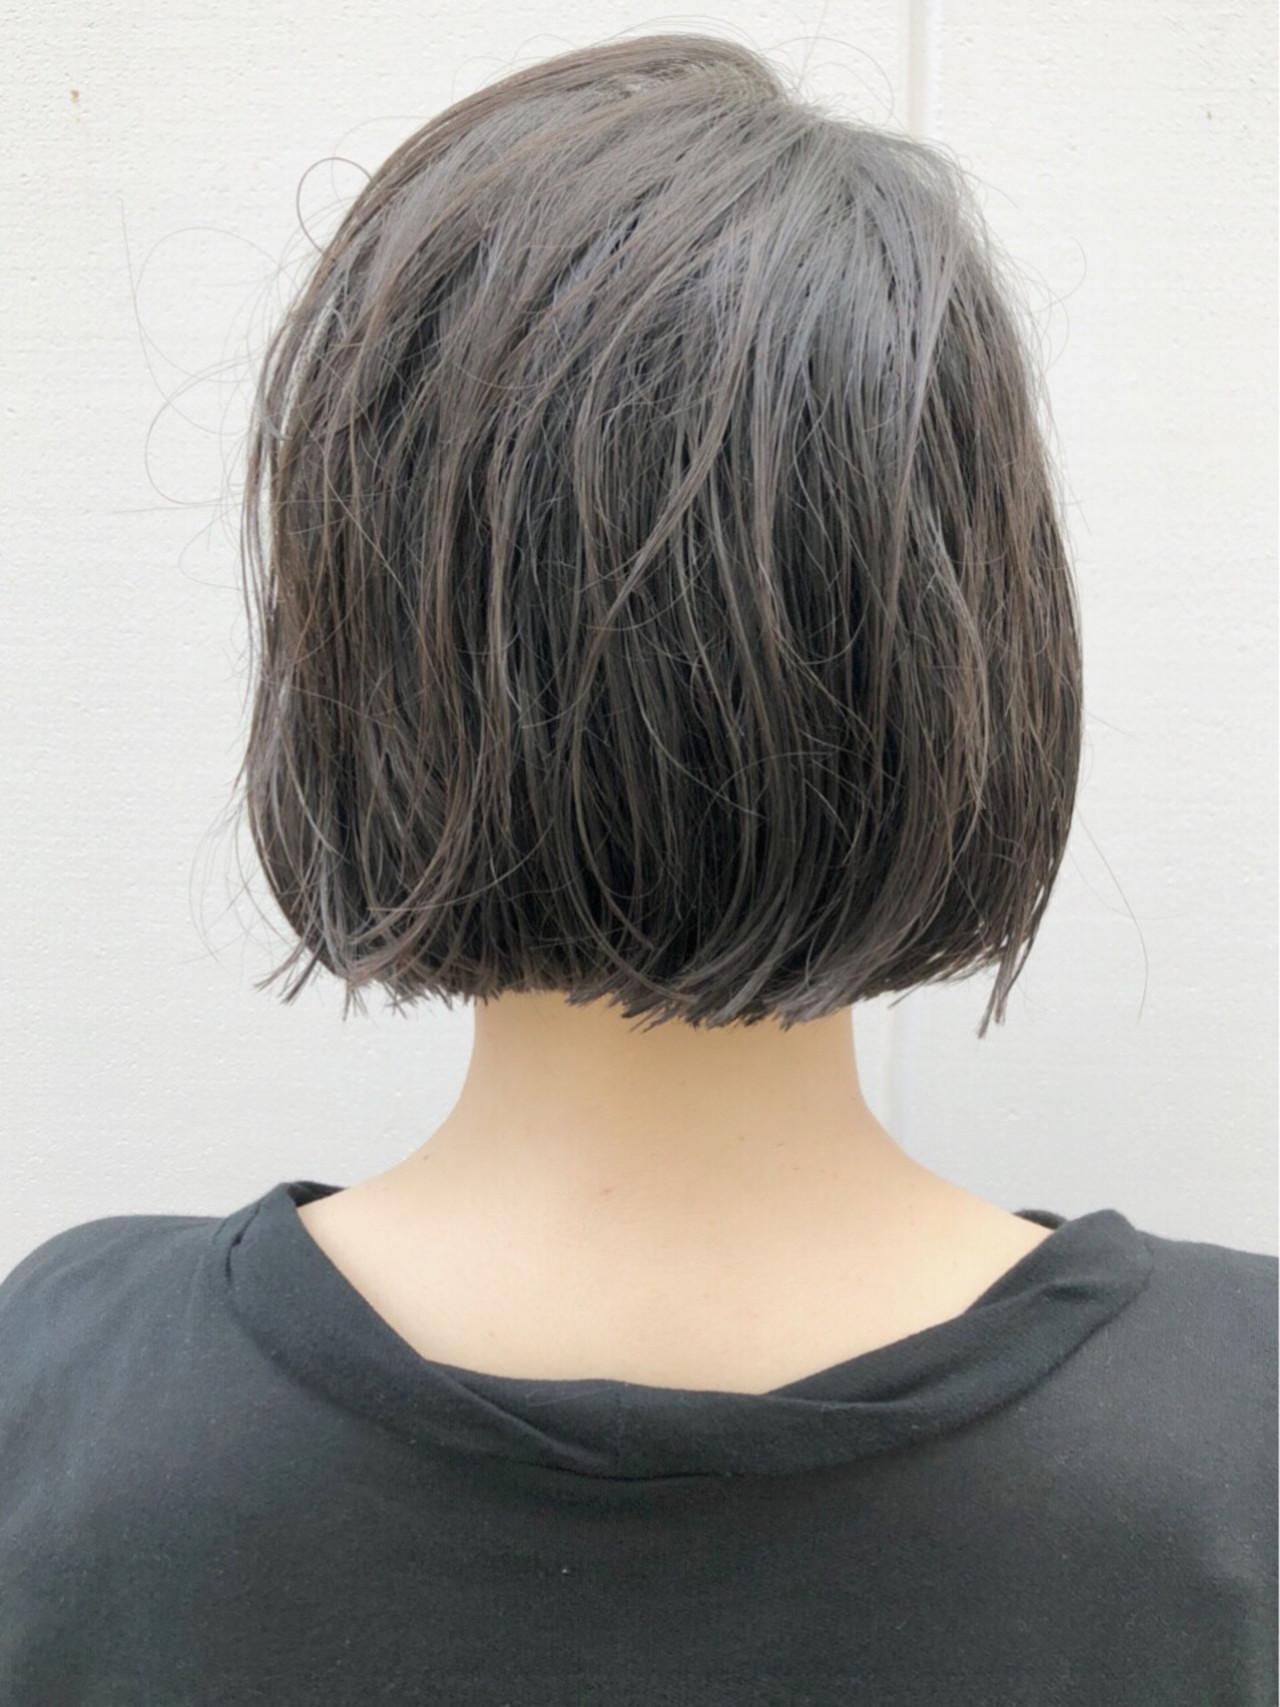 ボブ 切りっぱなし アンニュイ ウェーブ ヘアスタイルや髪型の写真・画像 | 野口勇樹【ノースタイリングボブ】 / GO TODAY渋谷